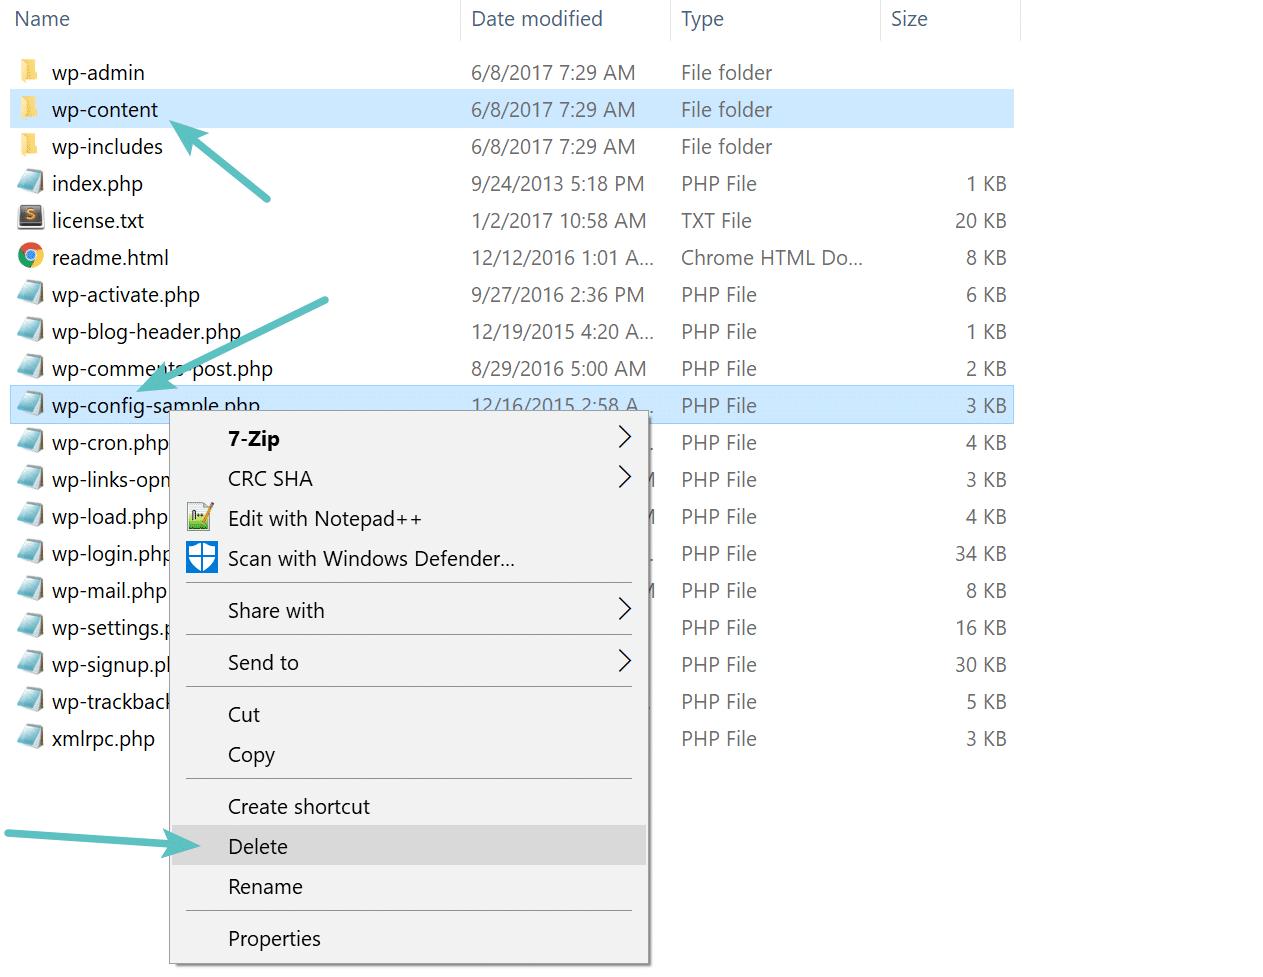 Lösche die Datei wp-content